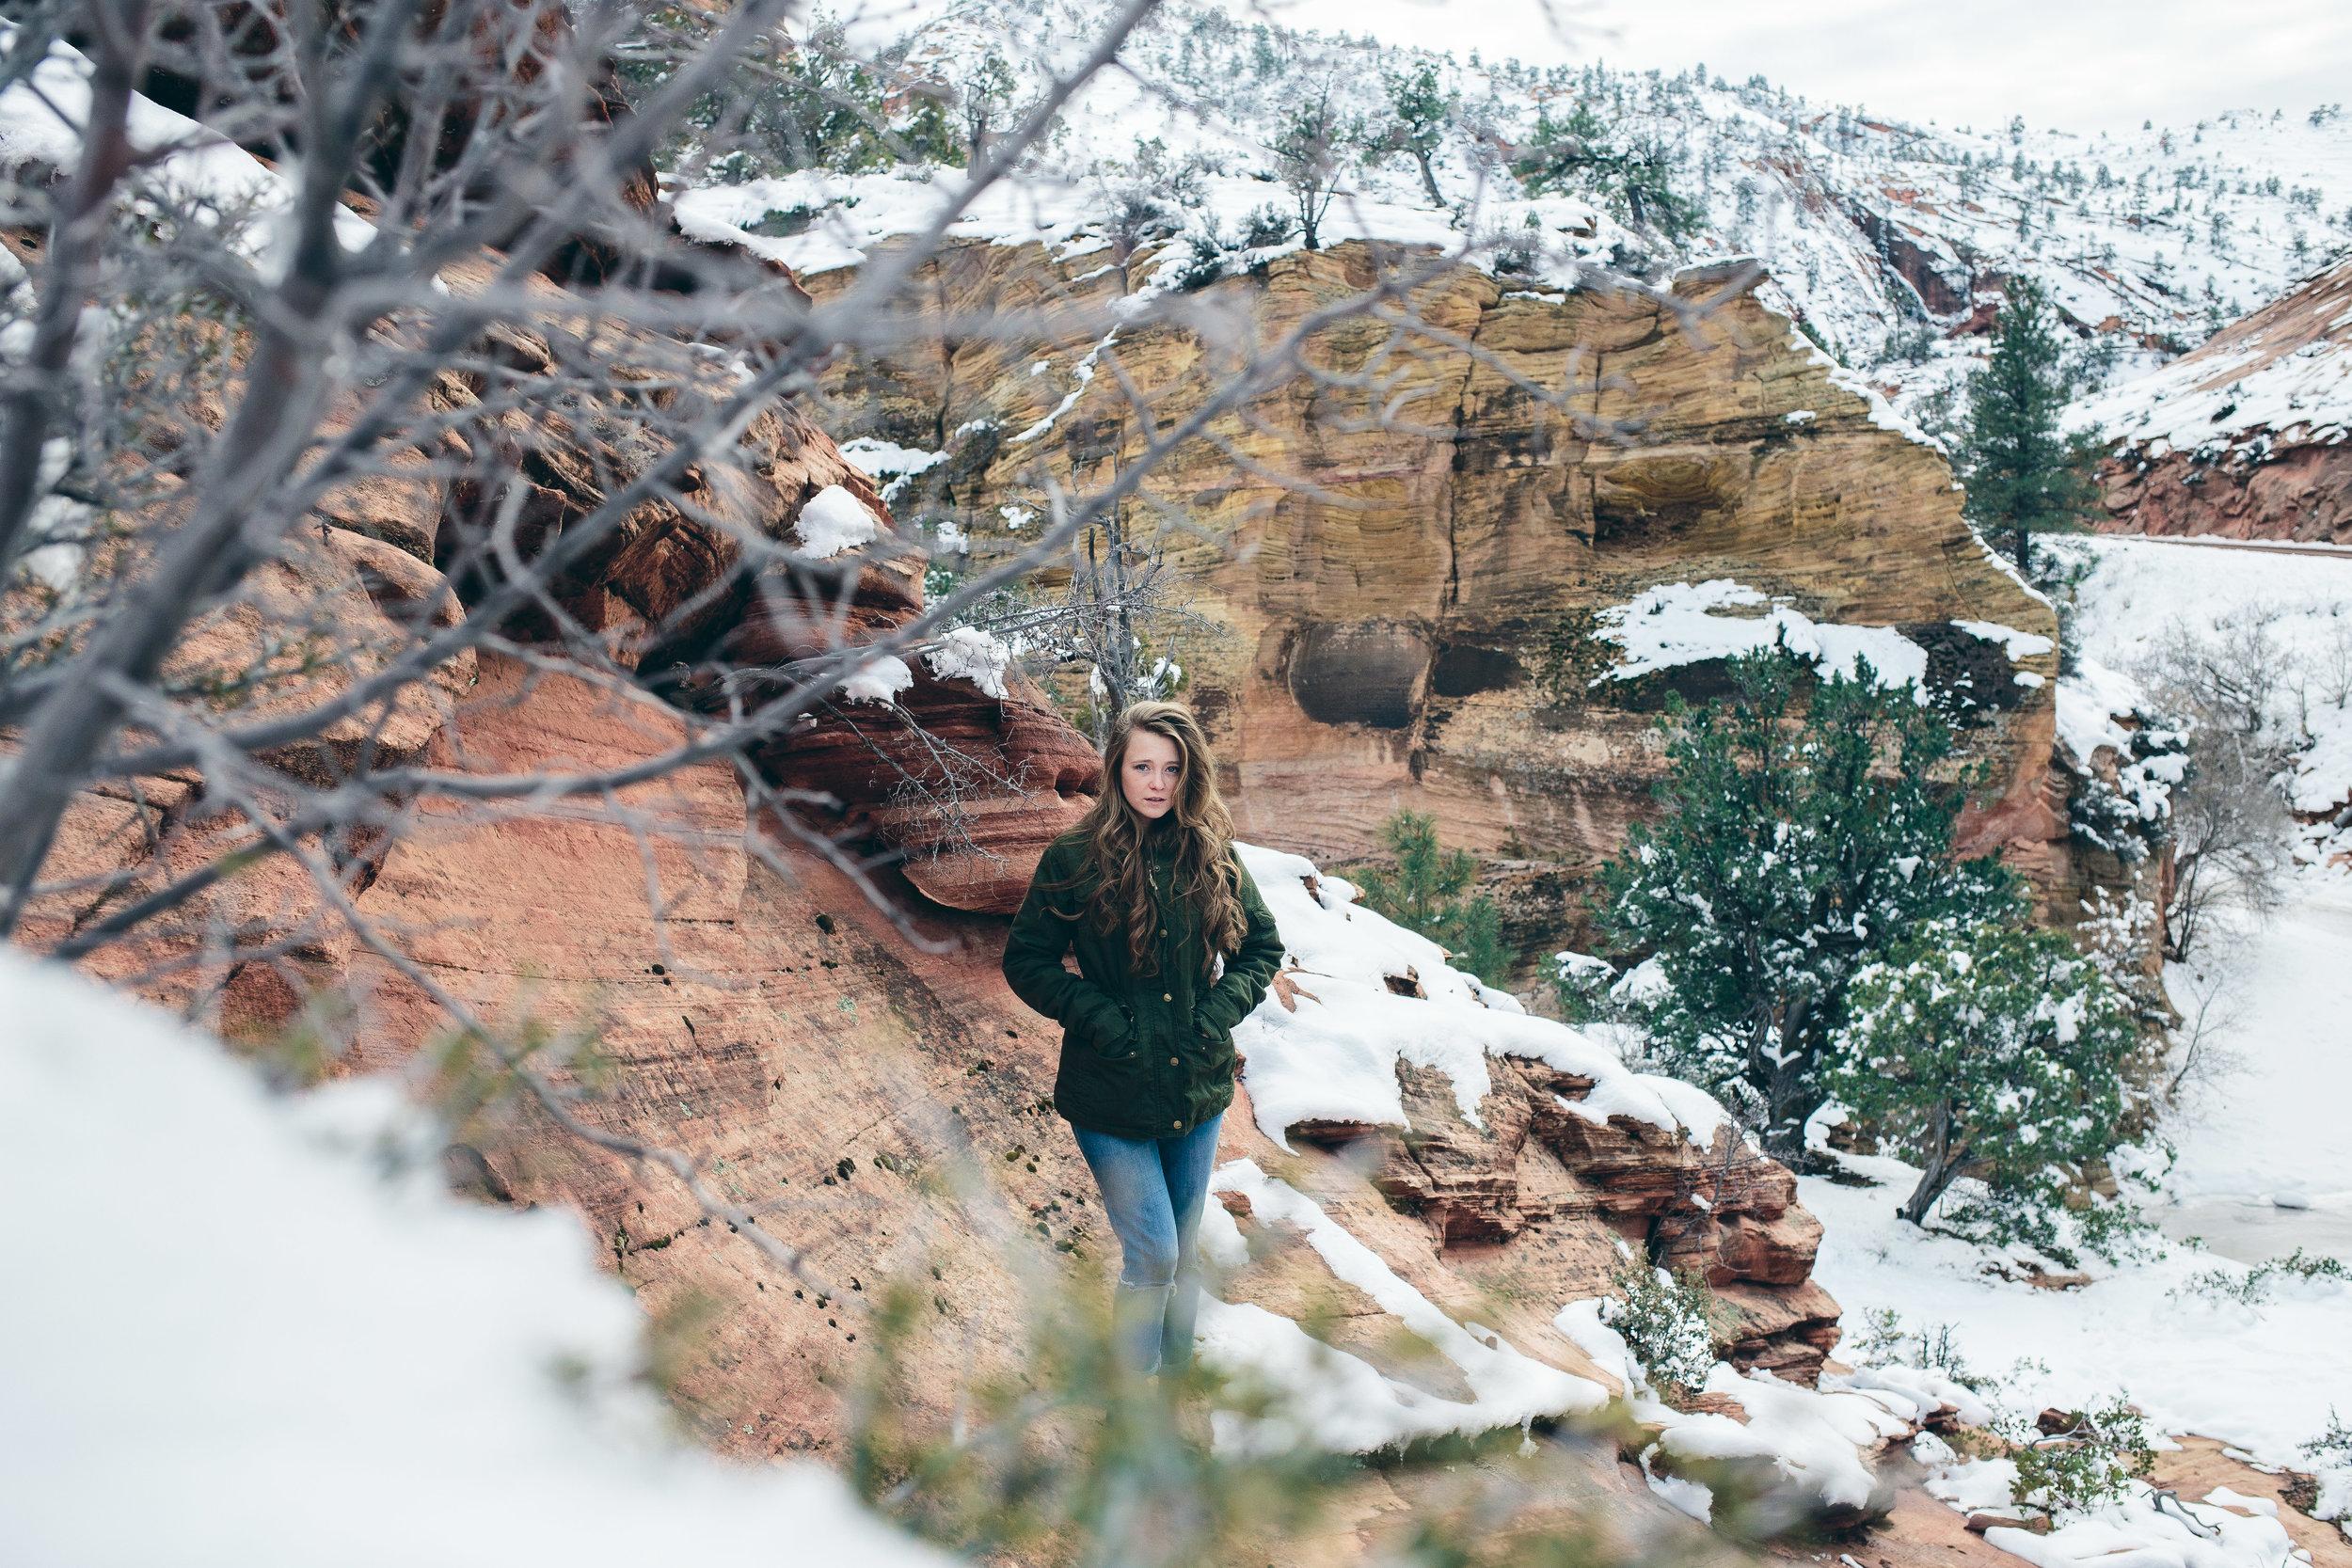 Zion National Park Adventure Photographer